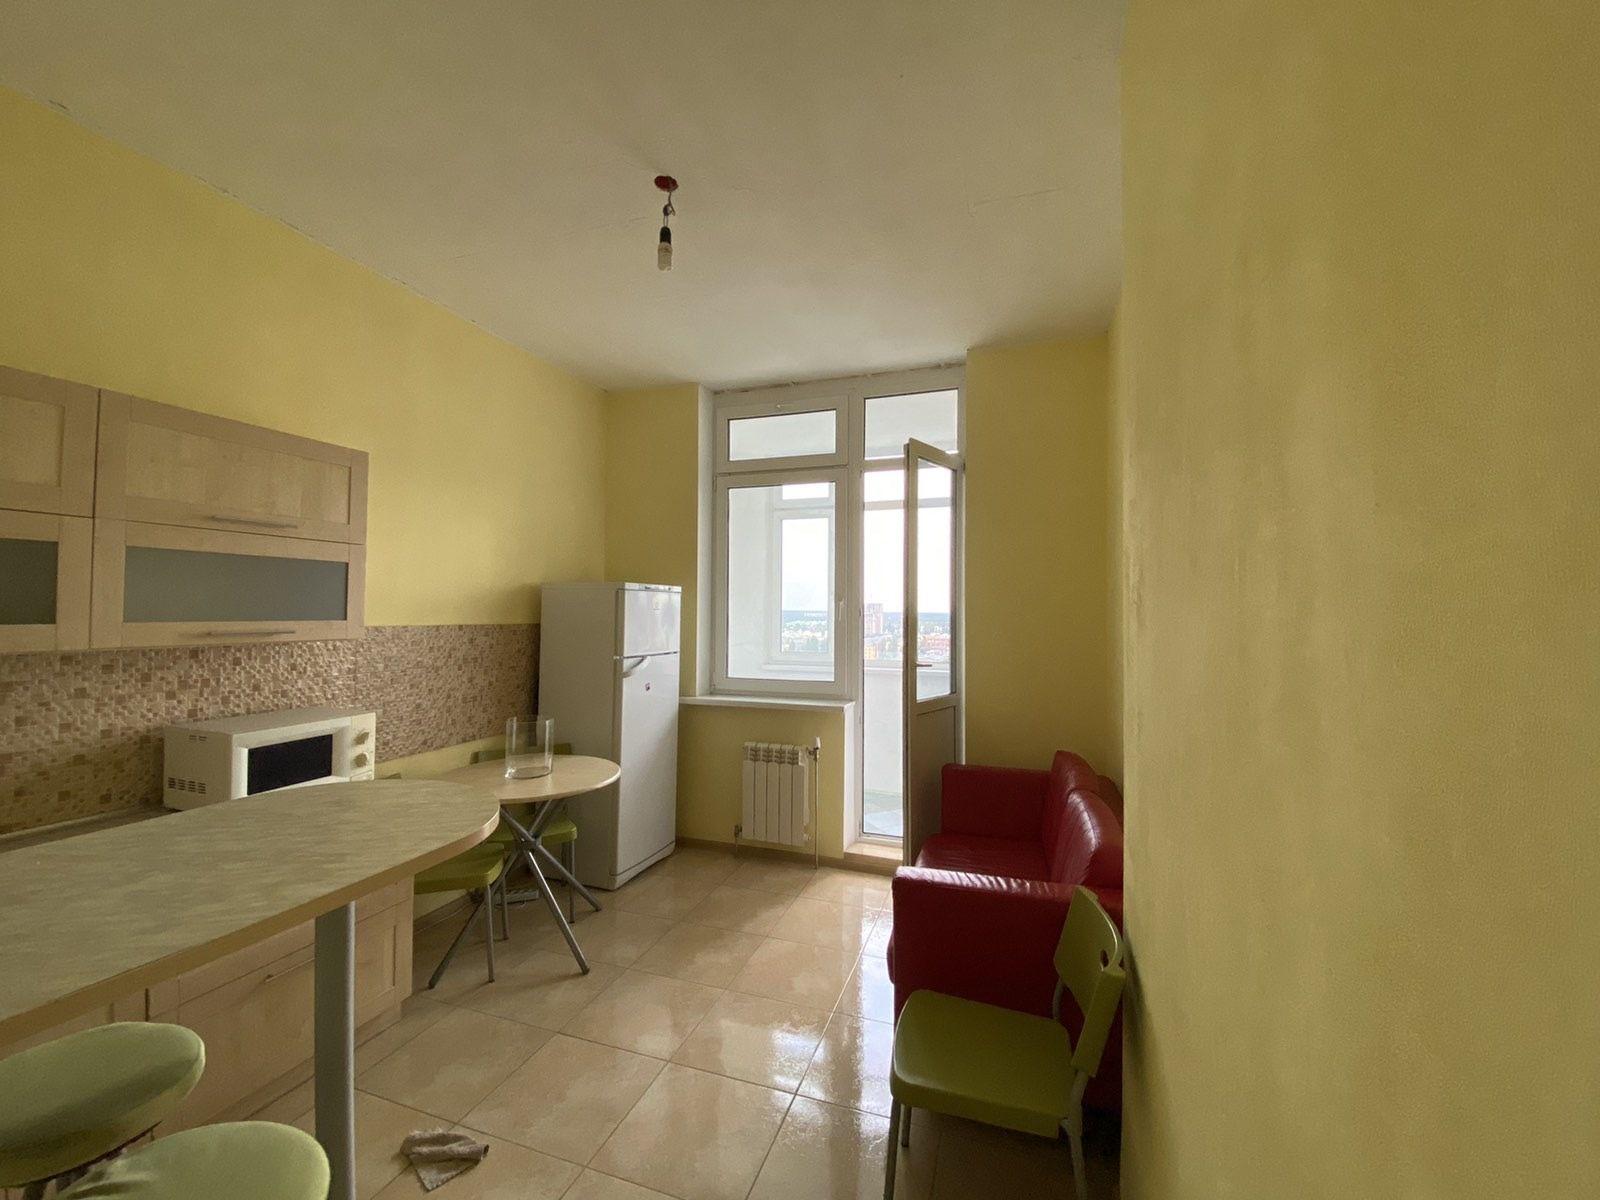 Квартира W-6020573, Хоткевича Гната (Красногвардейская), 12, Киев - Фото 5